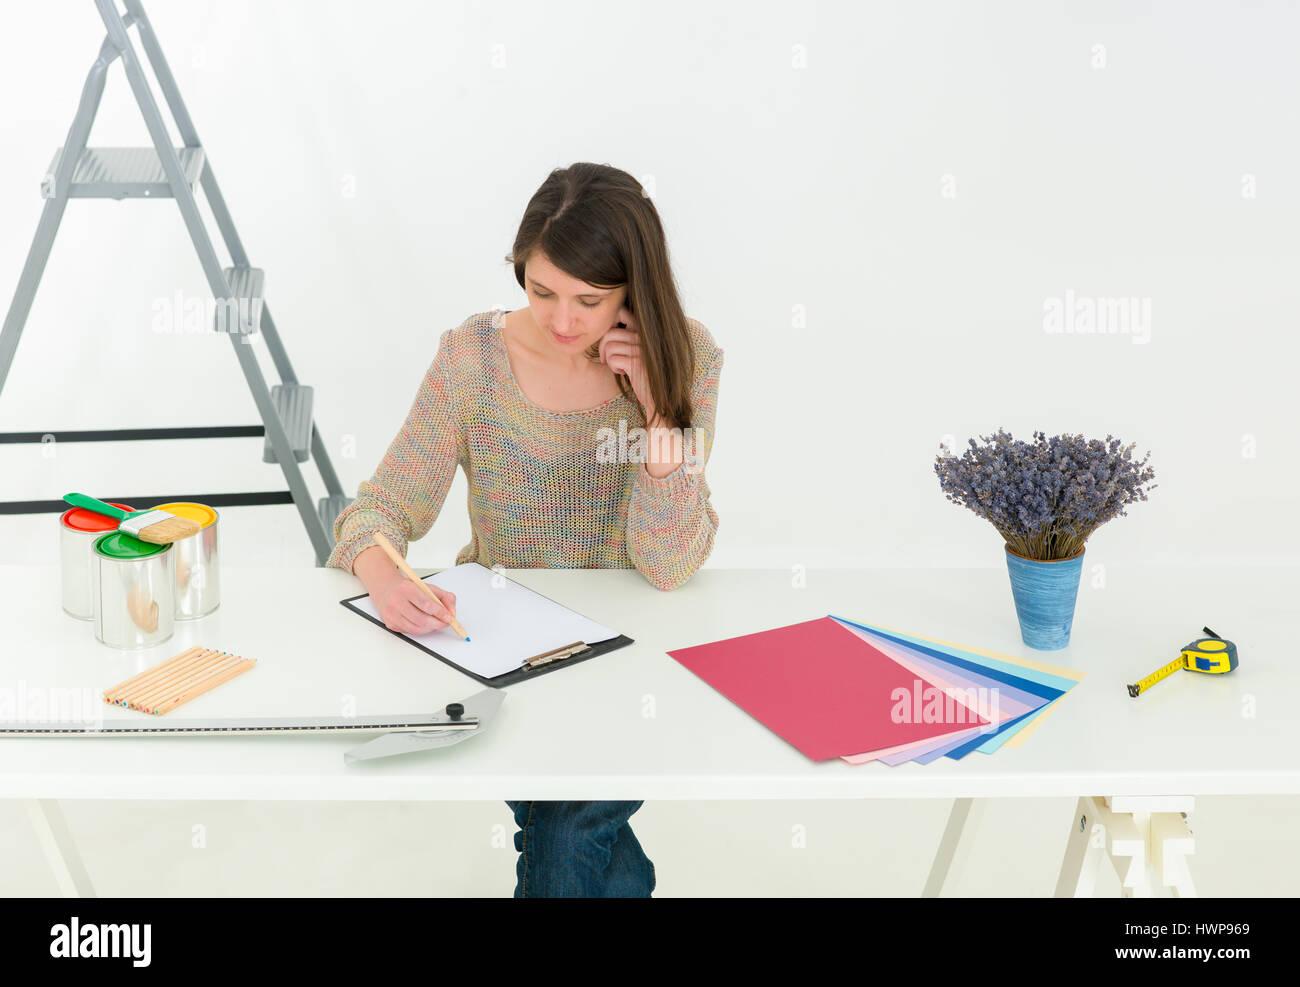 Persone creative workplace. Vista ravvicinata di bruna giovane designer donna lavora con tavolozza di colori alla Immagini Stock